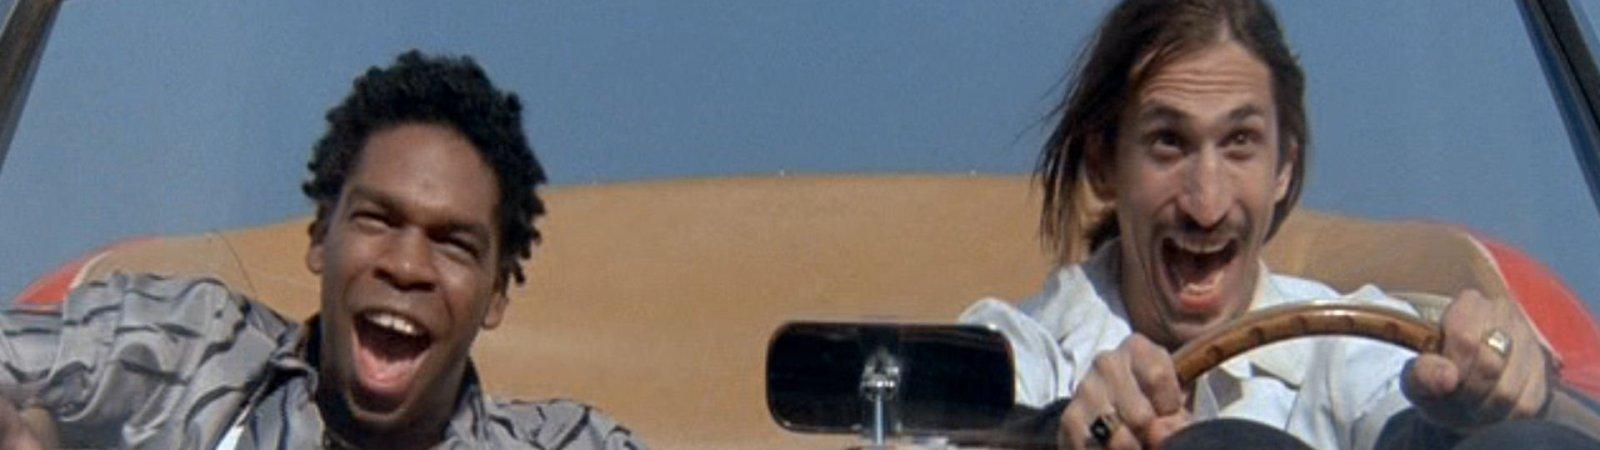 Photo du film : La folle journée de Ferris Bueller